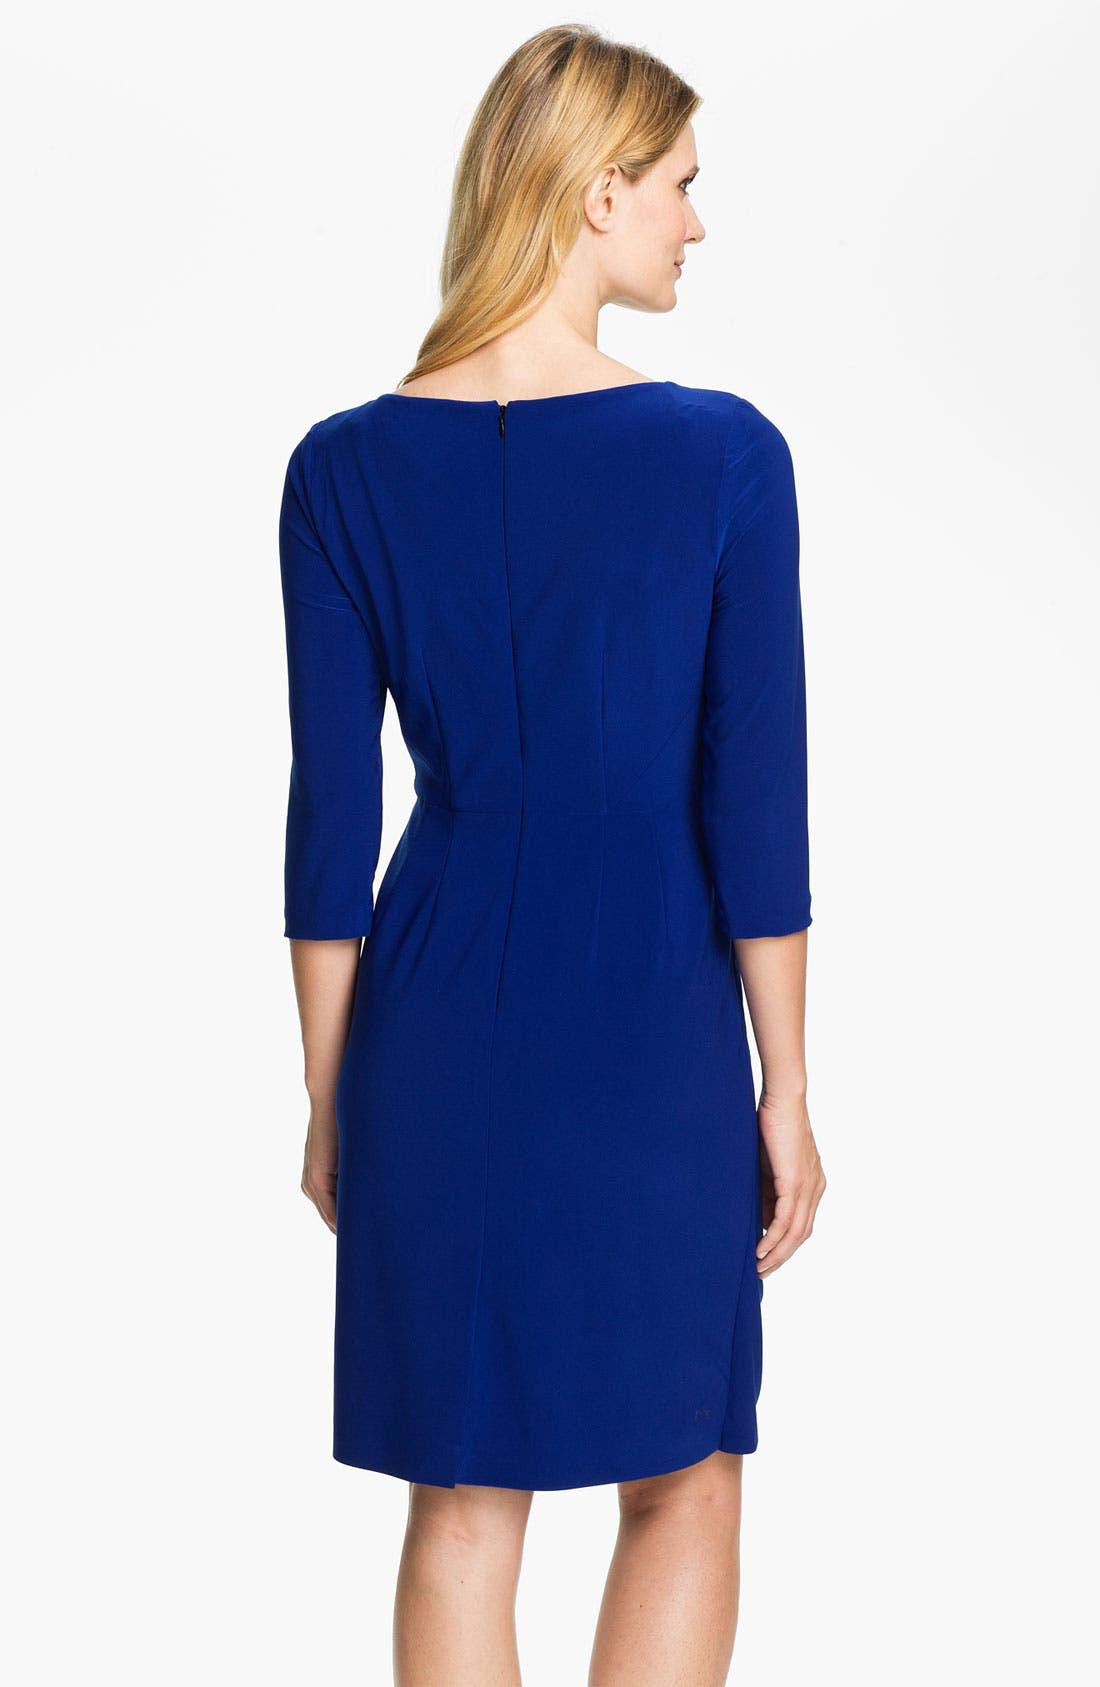 Alternate Image 2  - Adrianna Papell Side Drape Surplice Dress (Petite)